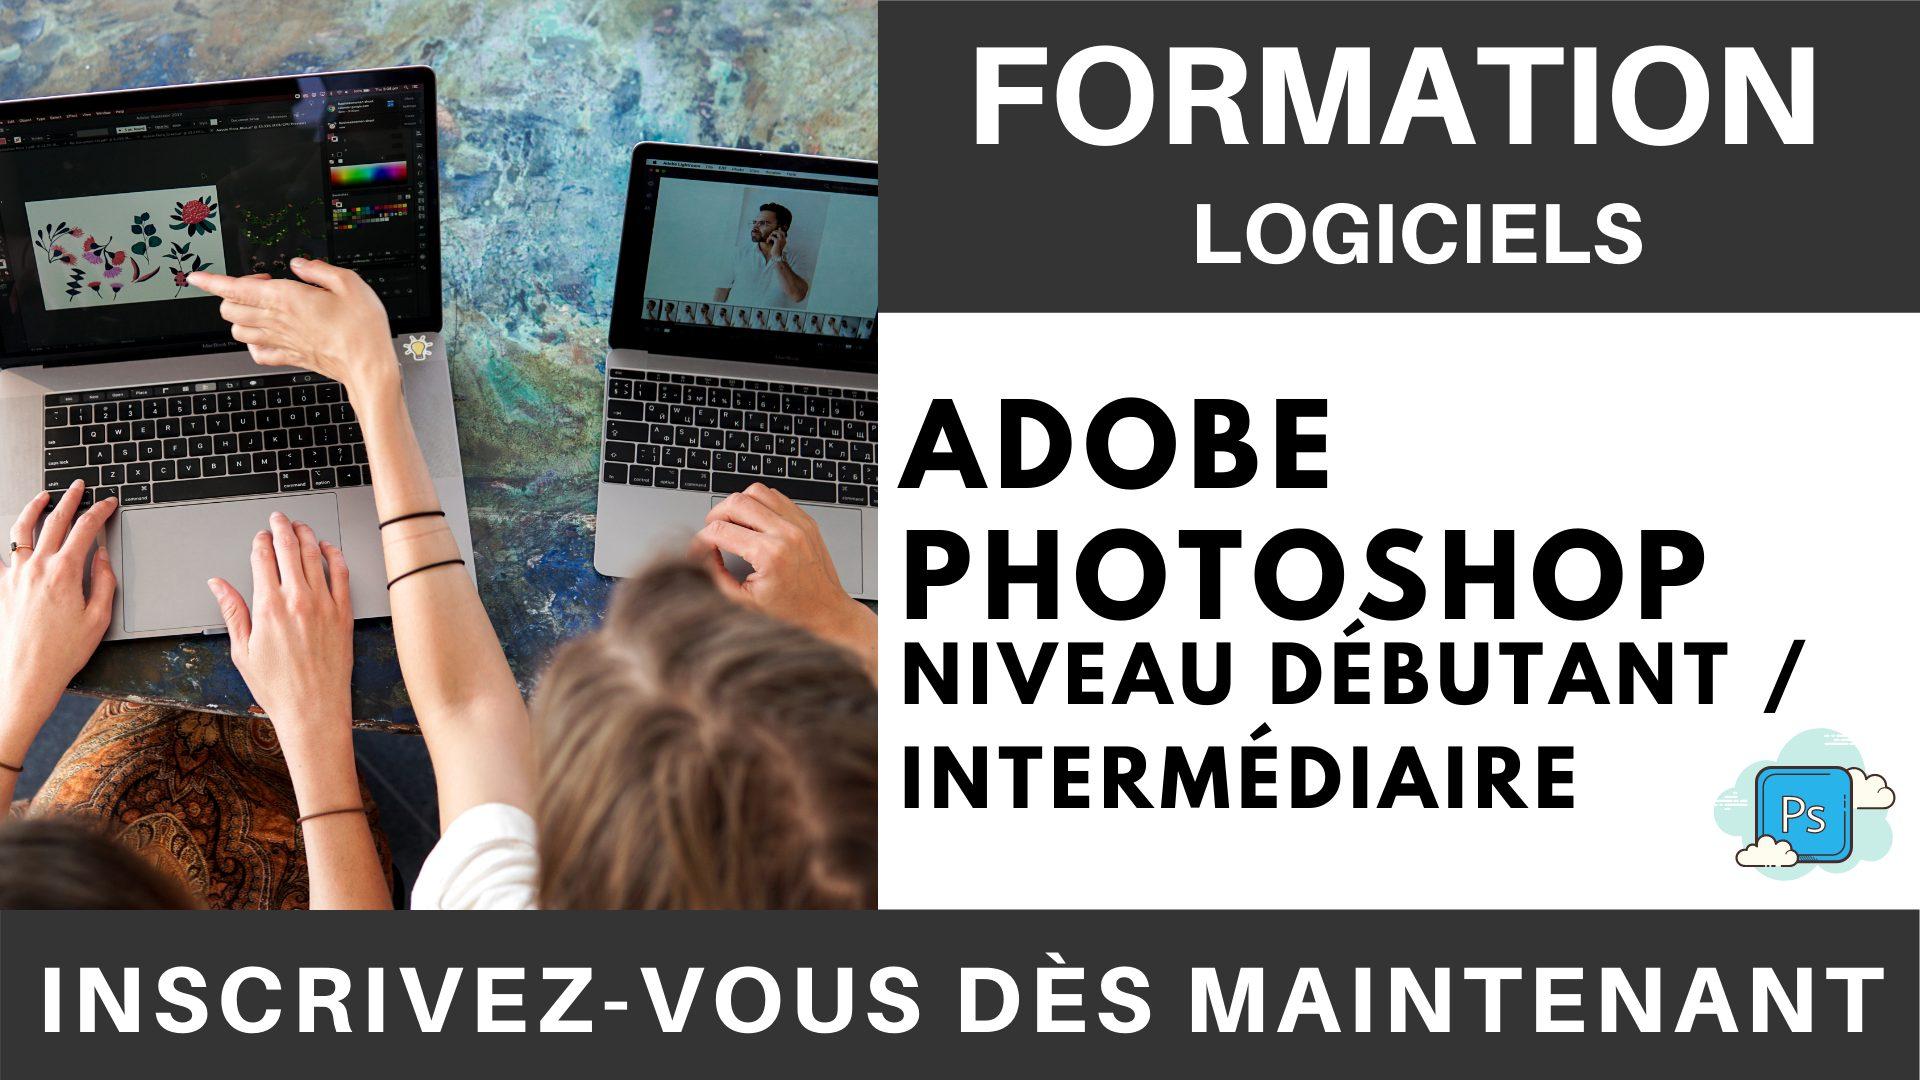 Formation LOGICIEL - Adobe Photoshop - Niveau débutant intermédiaire